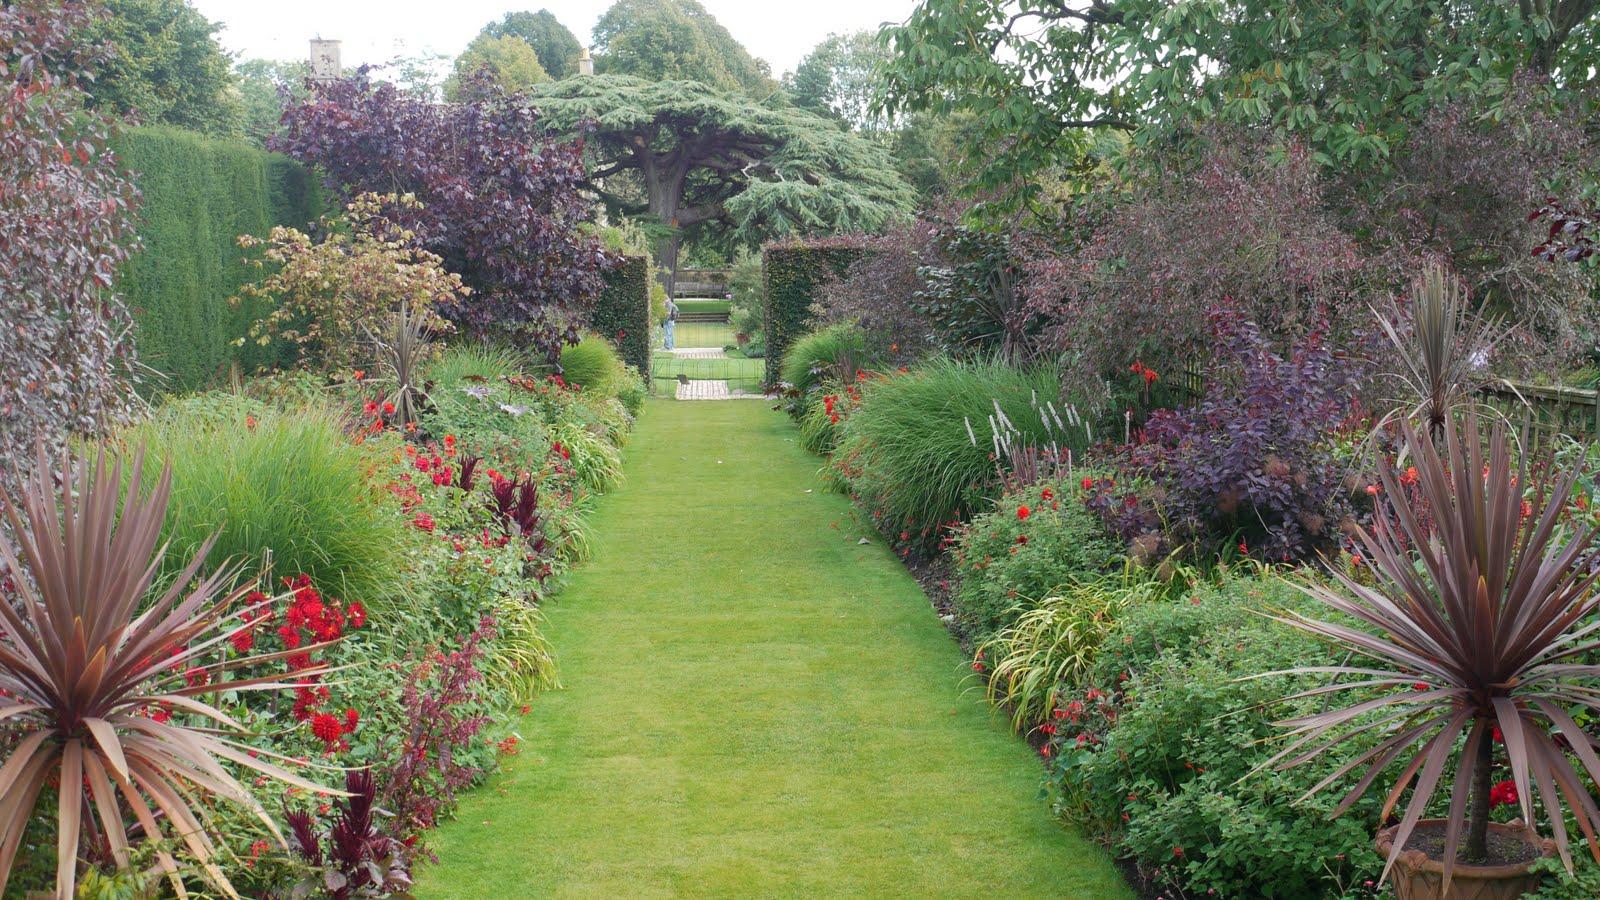 Hidcote manor garden britain visitor blog for Garden trees england